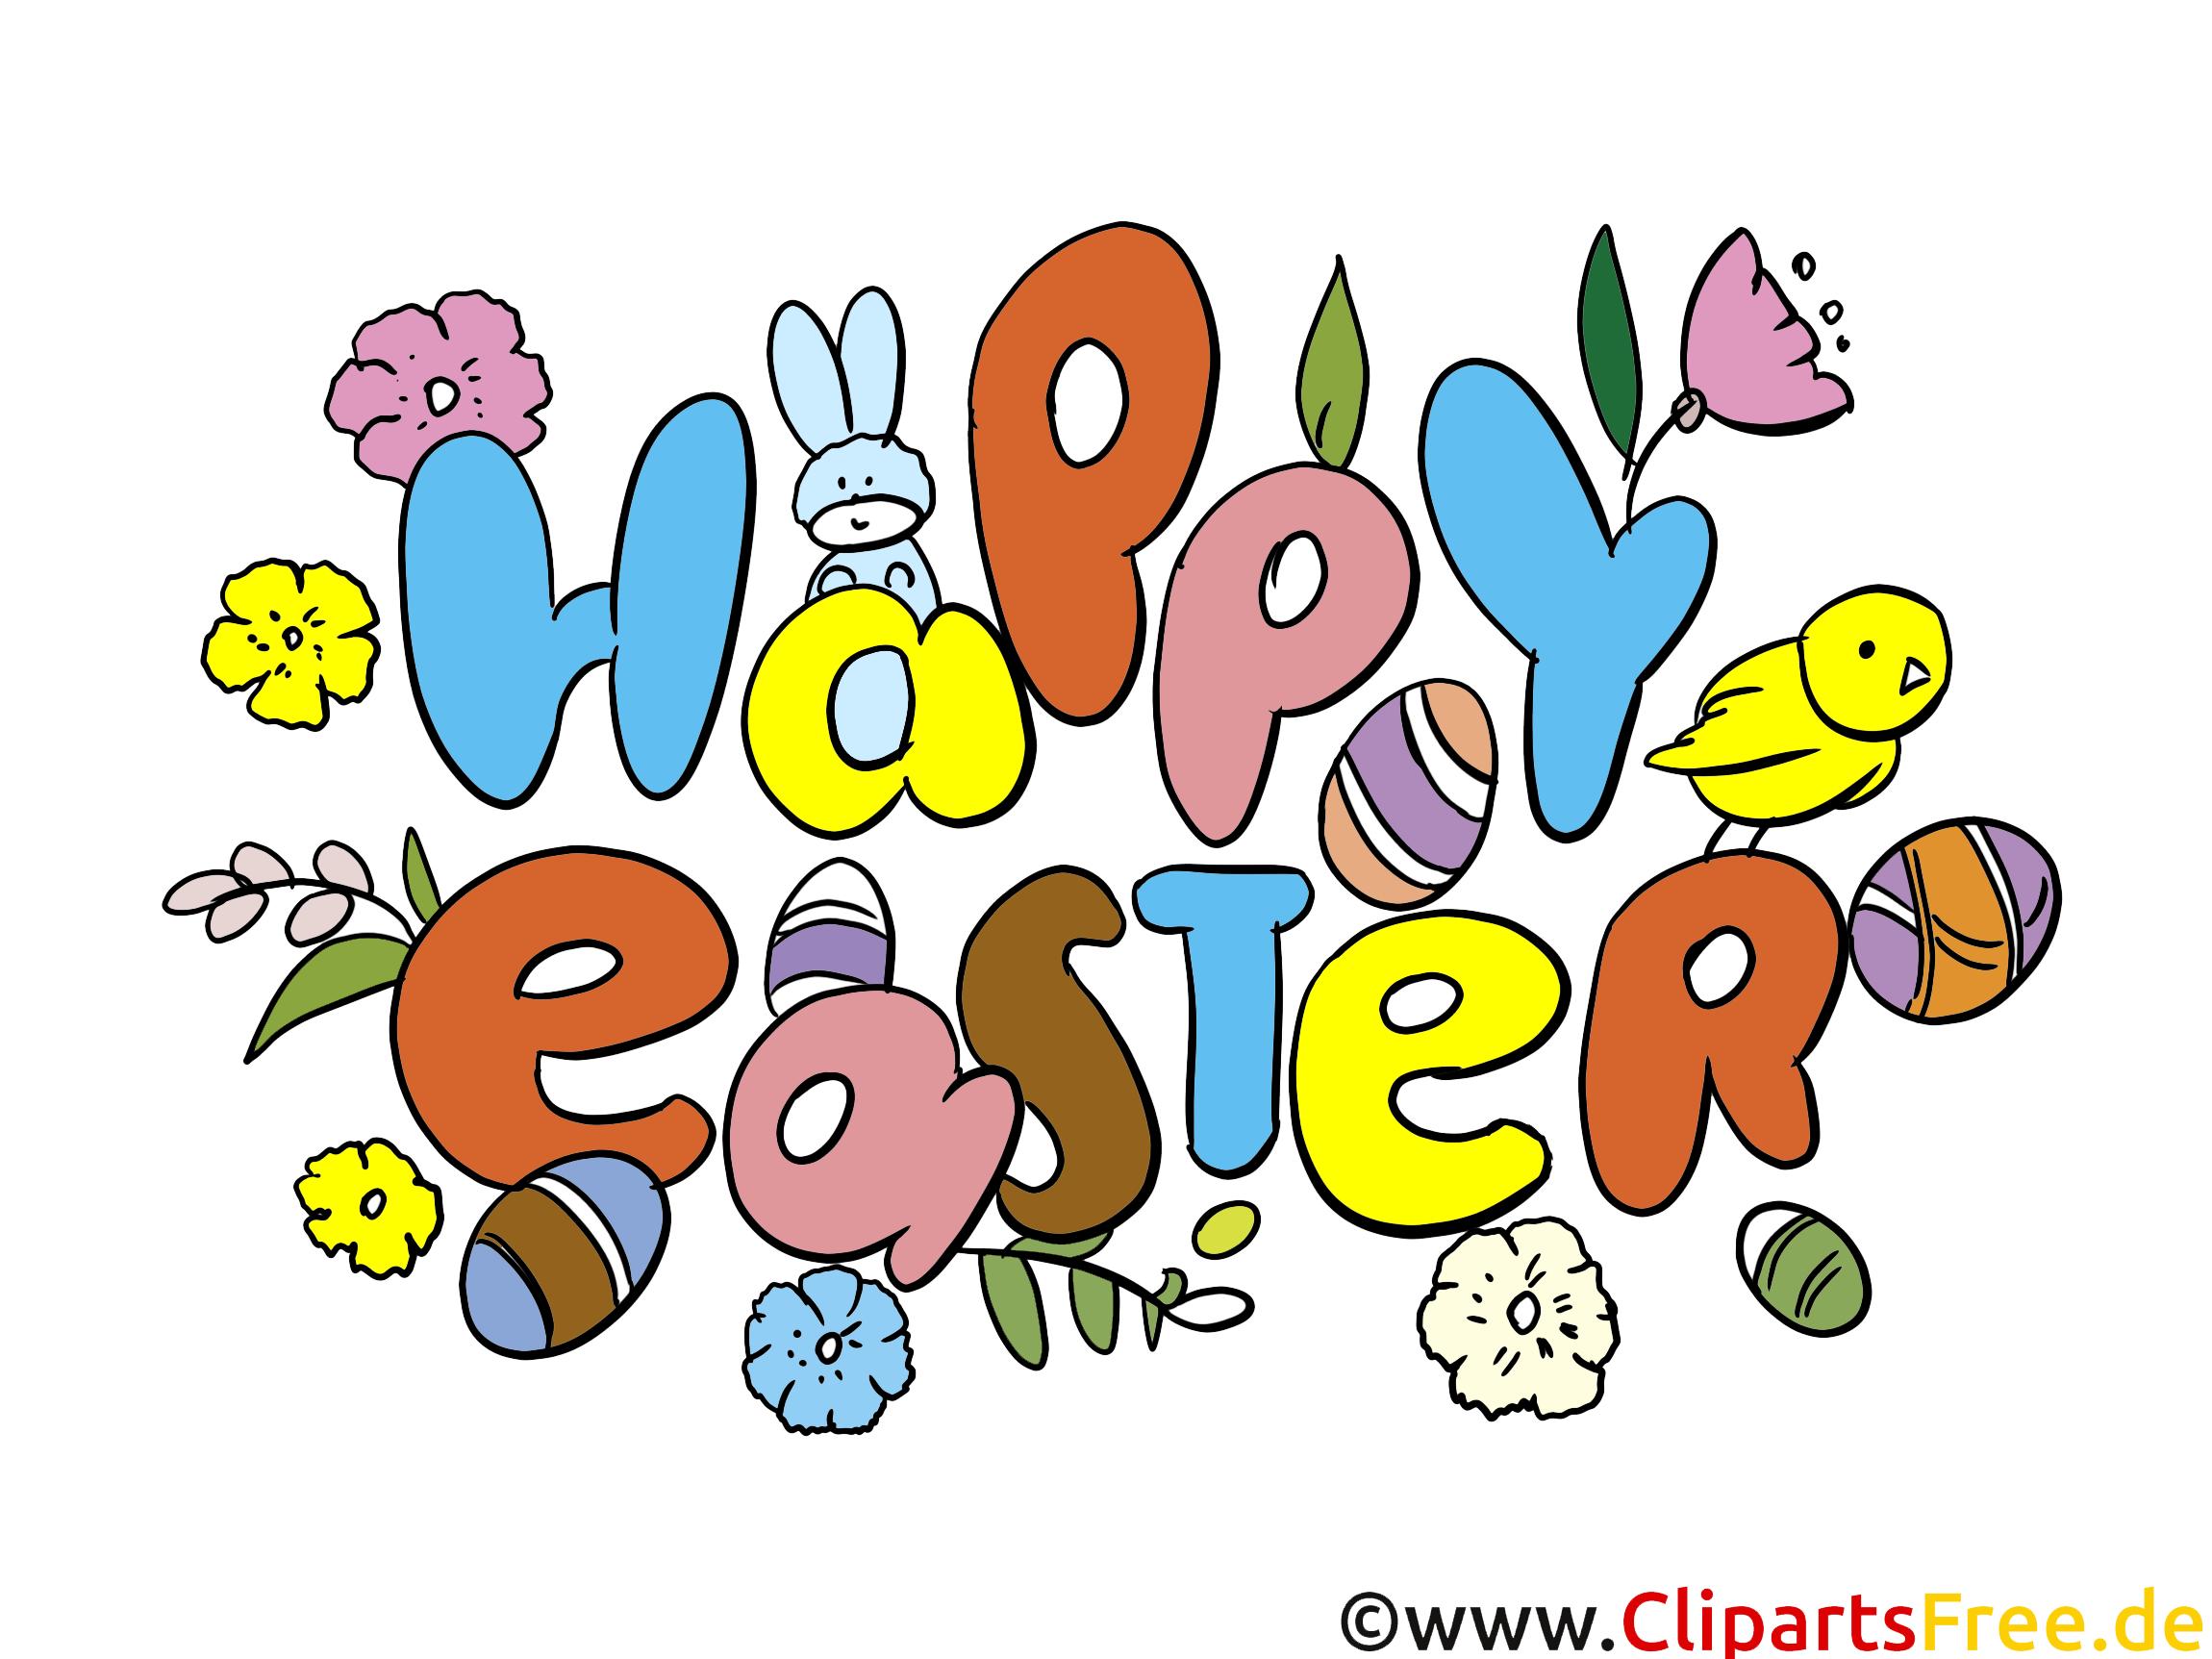 Bonnes pâques dessin gratuit - Pâques image